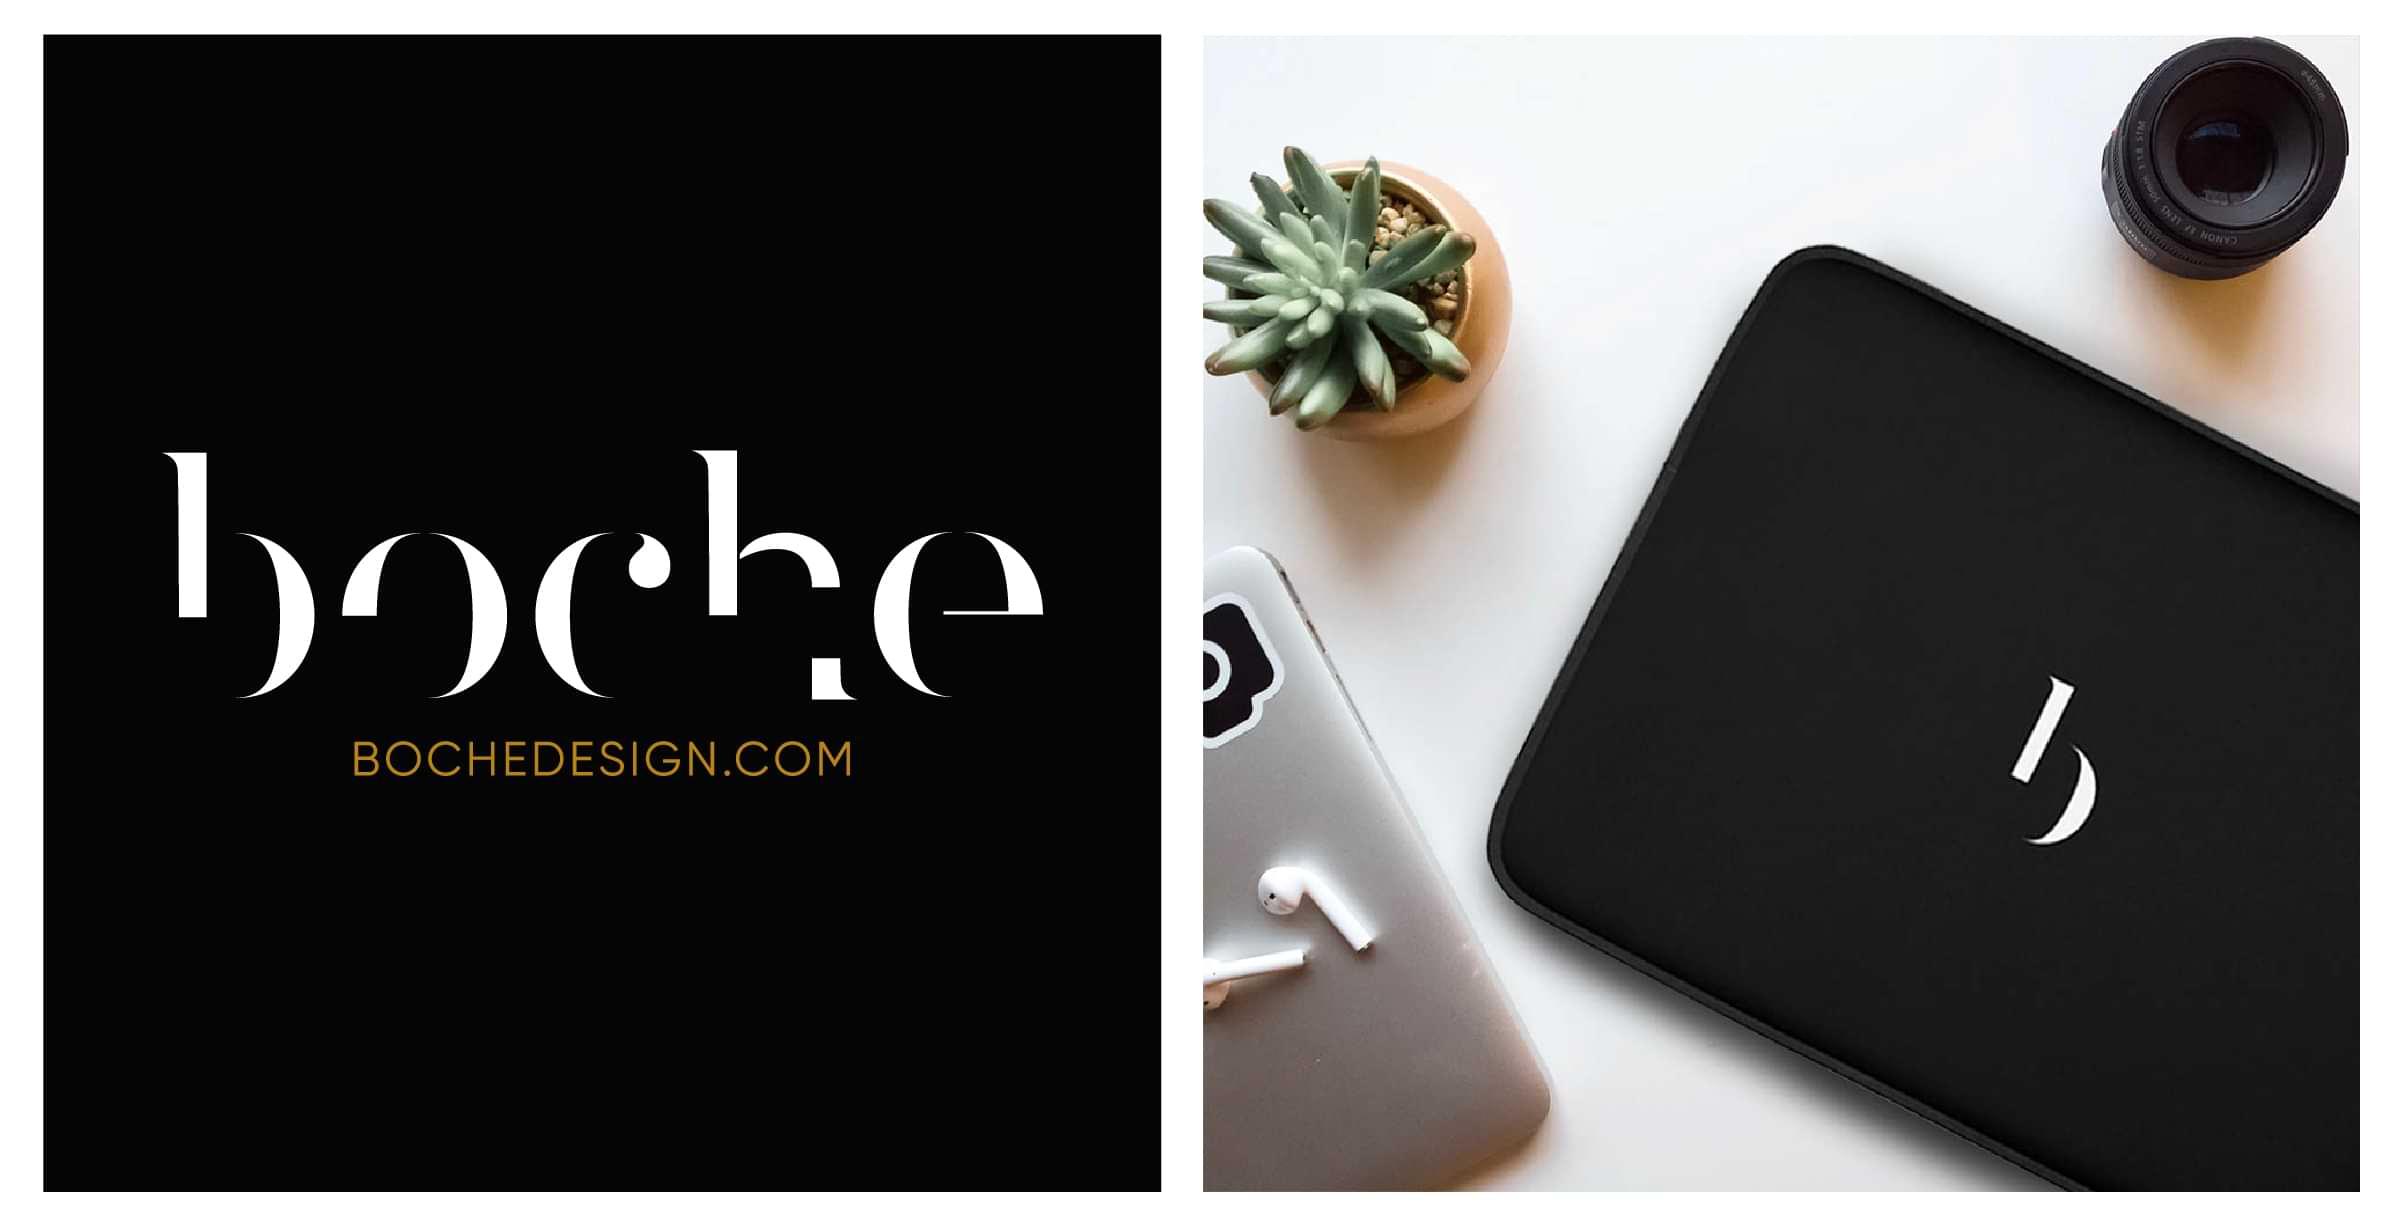 Shopify e-Commerce Website Development Branding Boche Design Logo boche design laptop sleeve